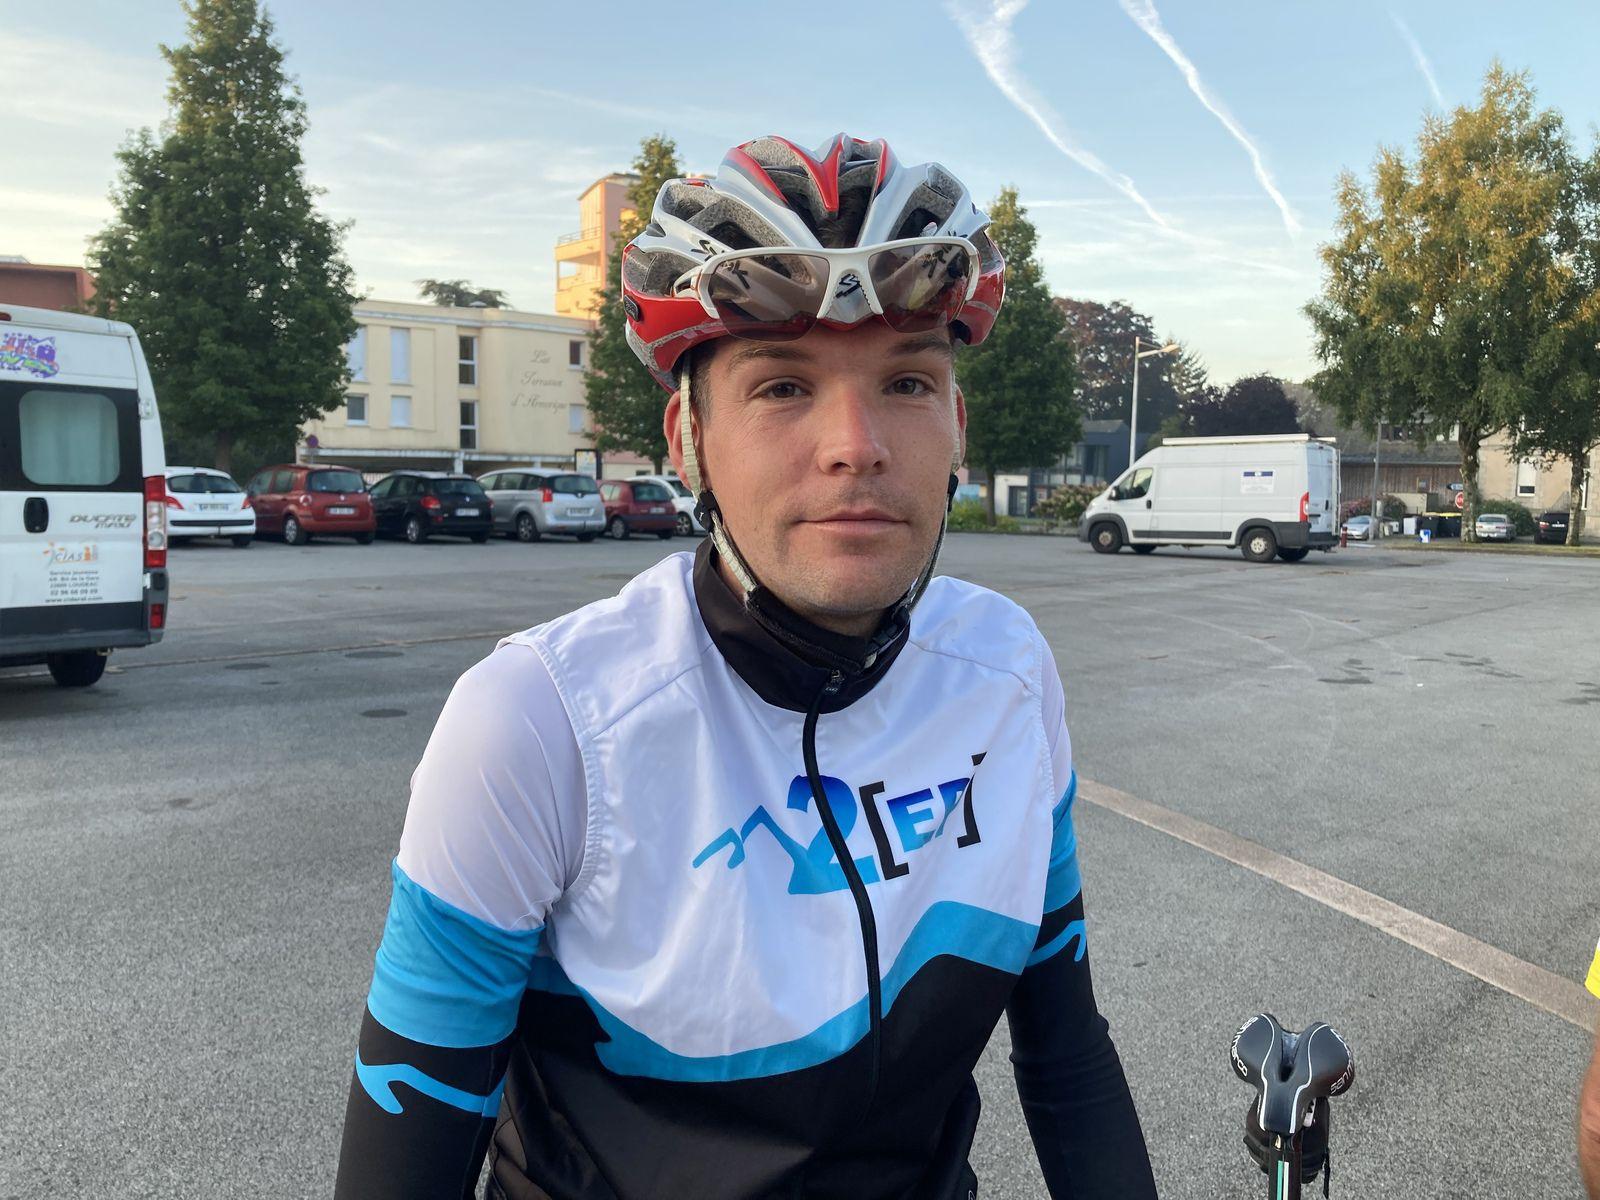 Ronan Visdeloup, Dimanche dernier (Ronan est le fils de Francis, ancien président de l'Amicale Cyclo).